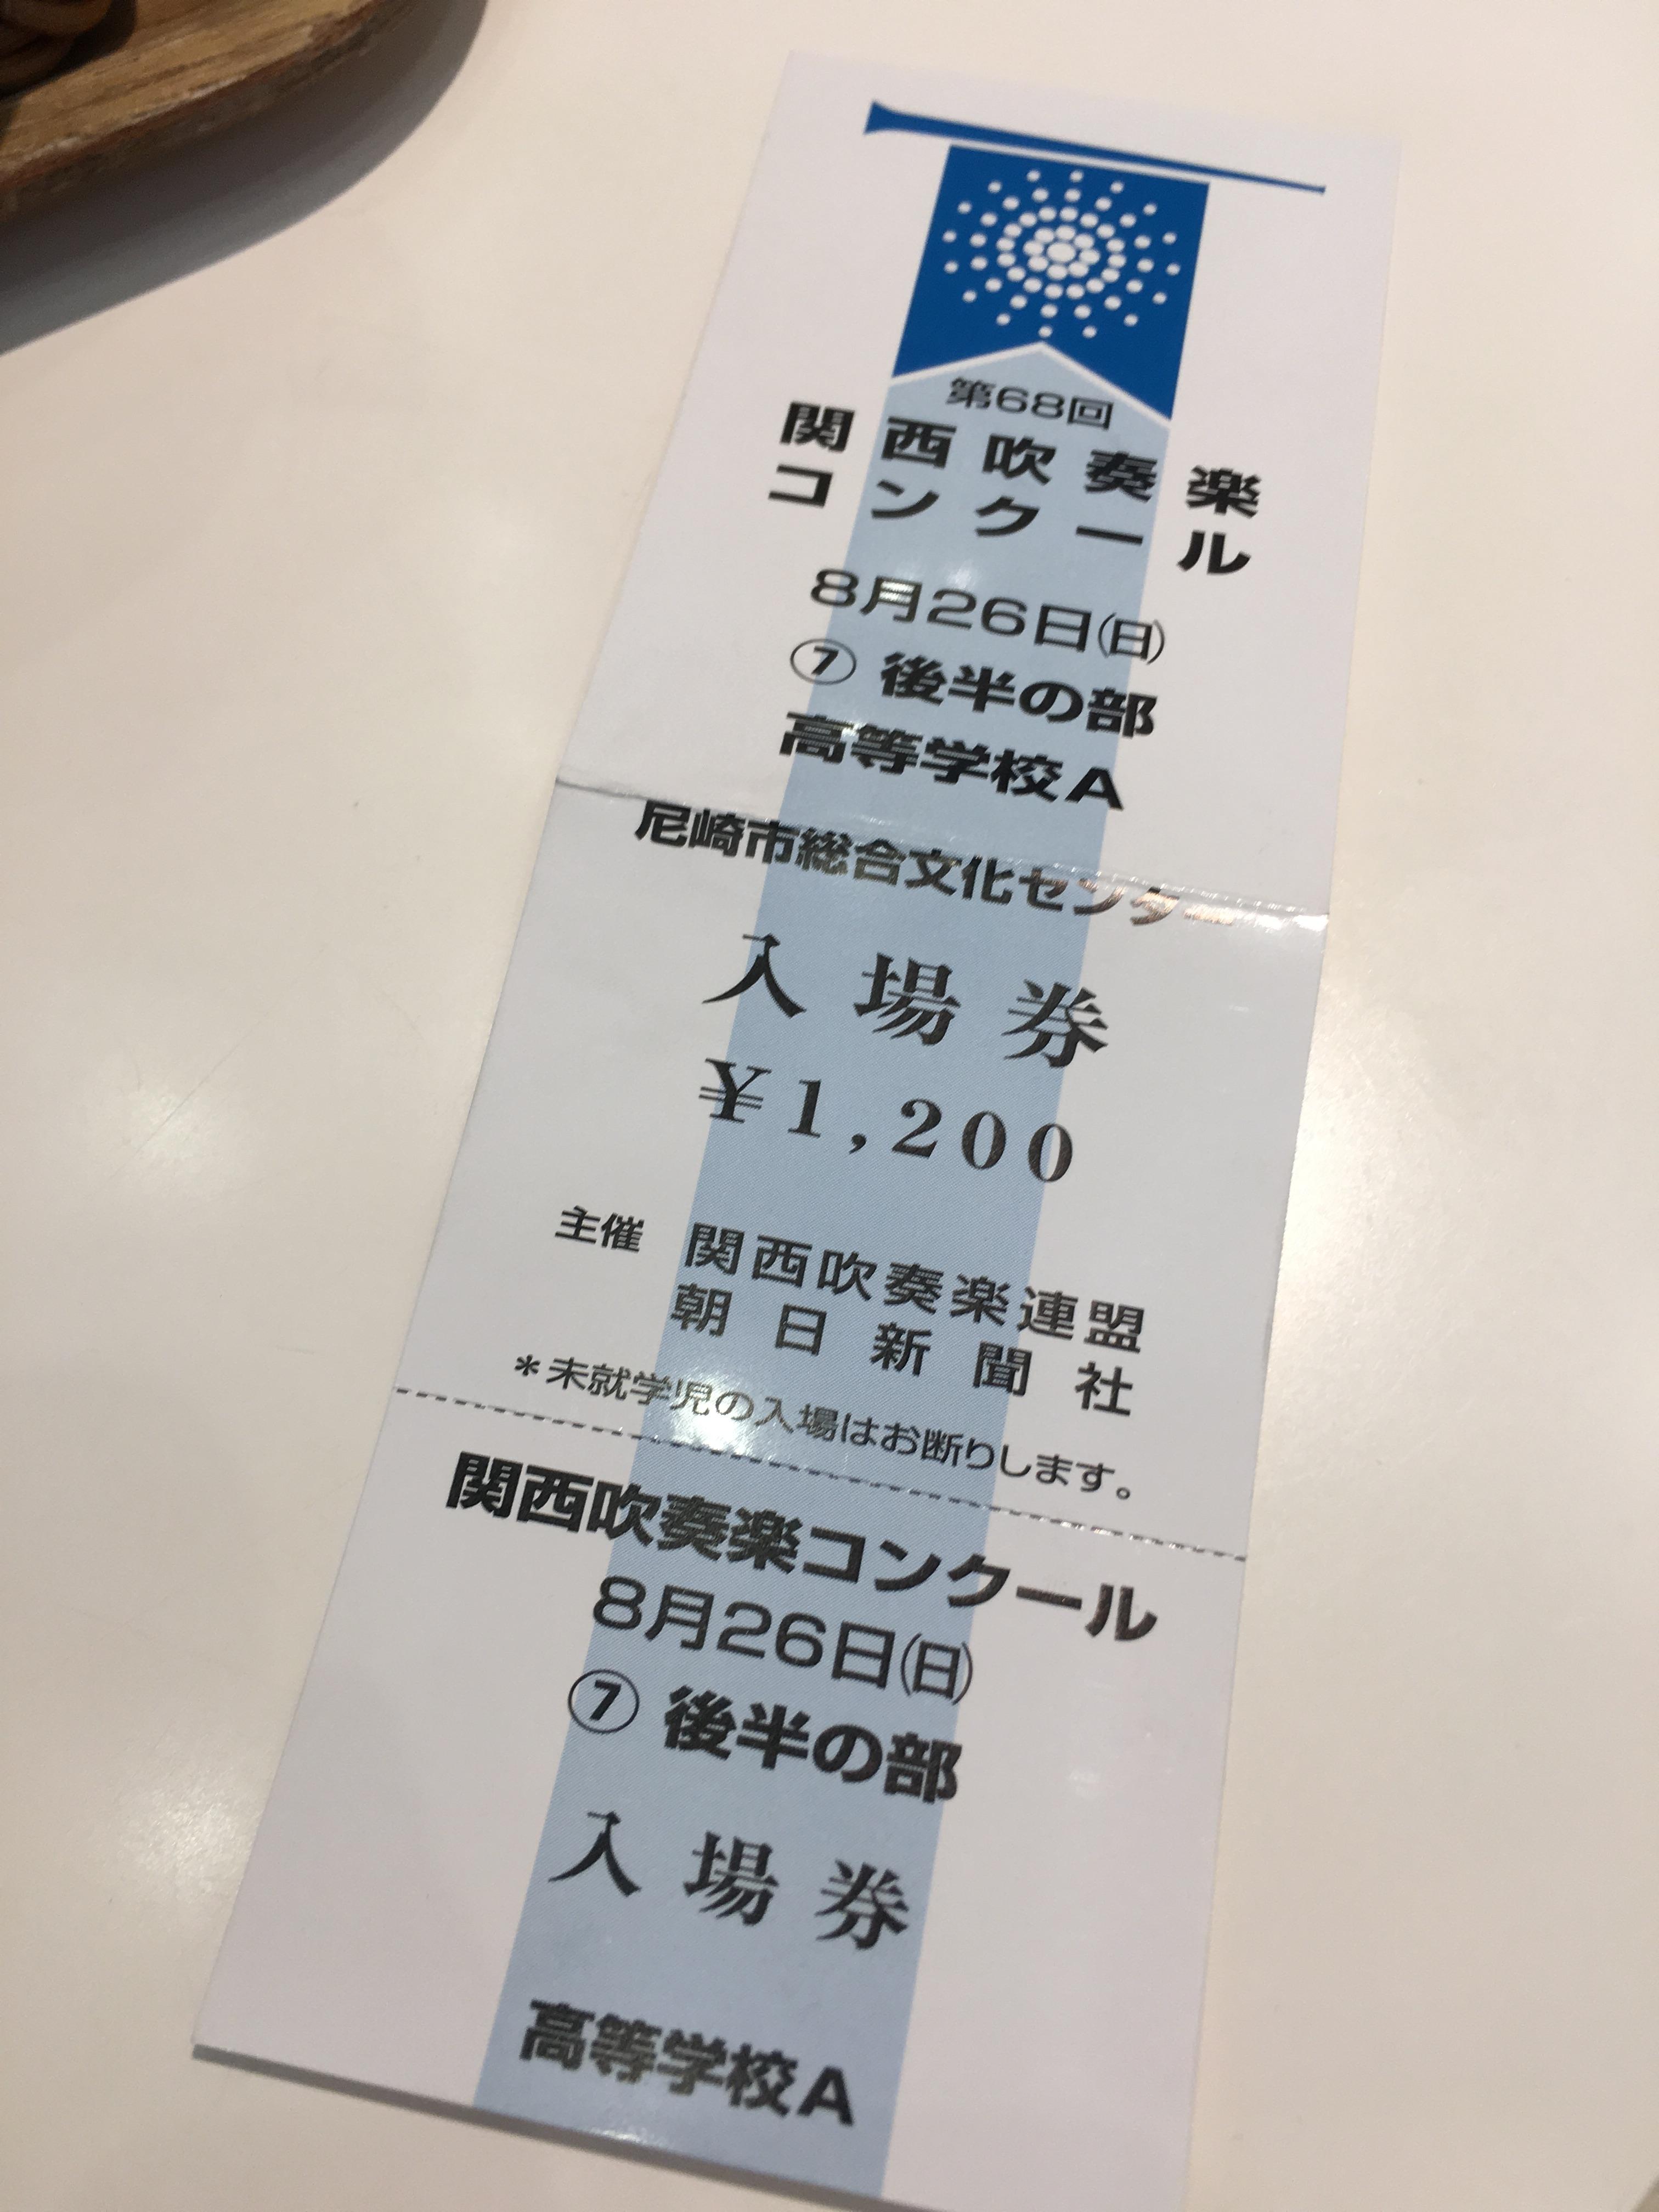 関西吹奏楽コンクールを聞きに行きました!